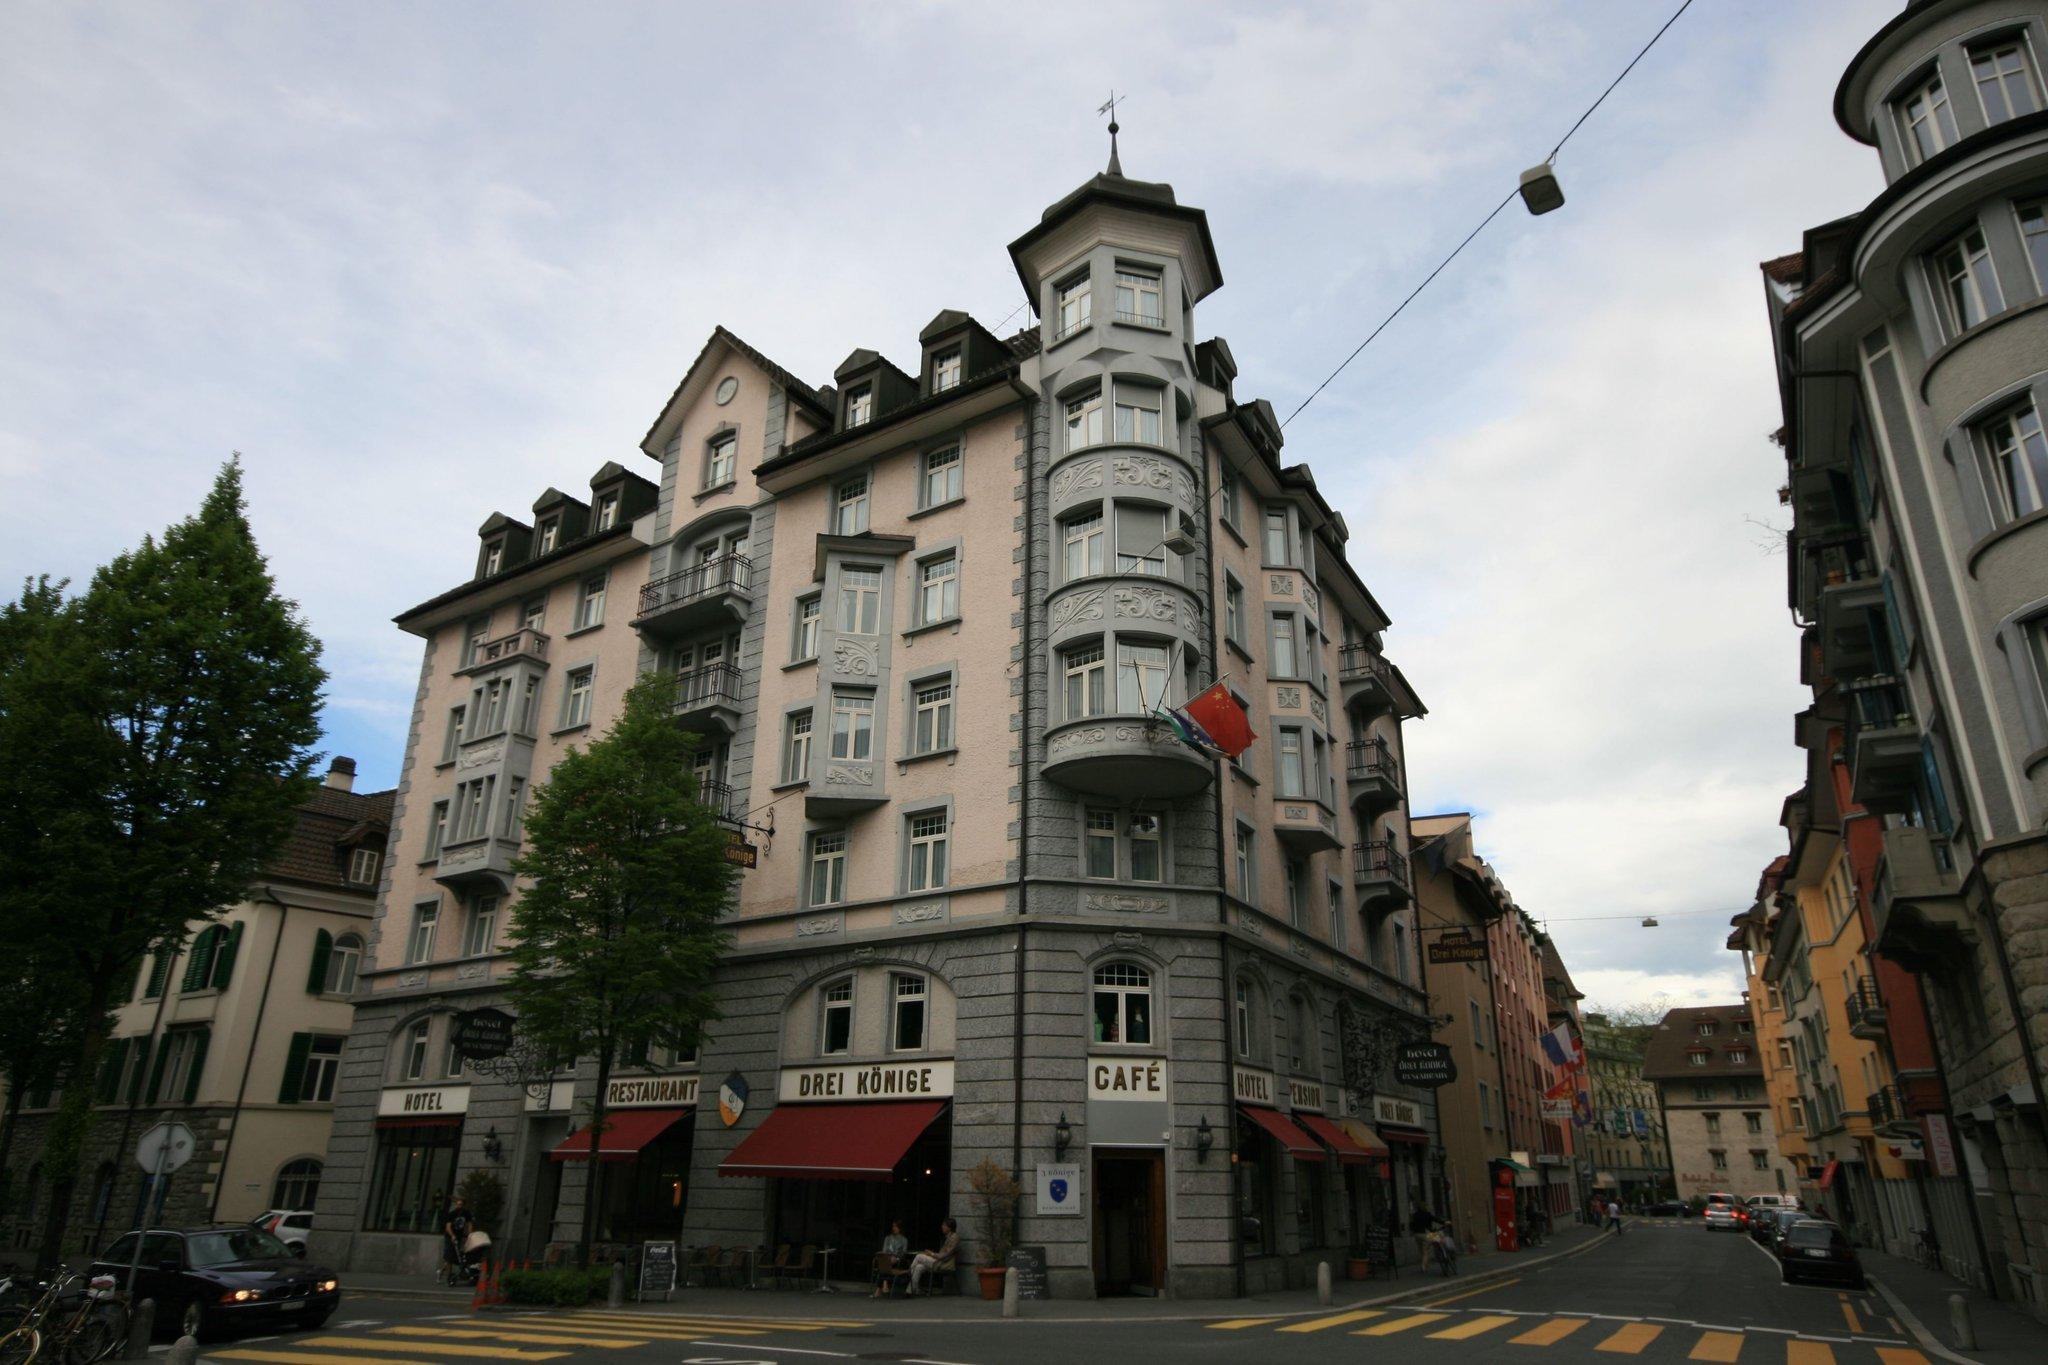 琉森德雷柯尼基酒店